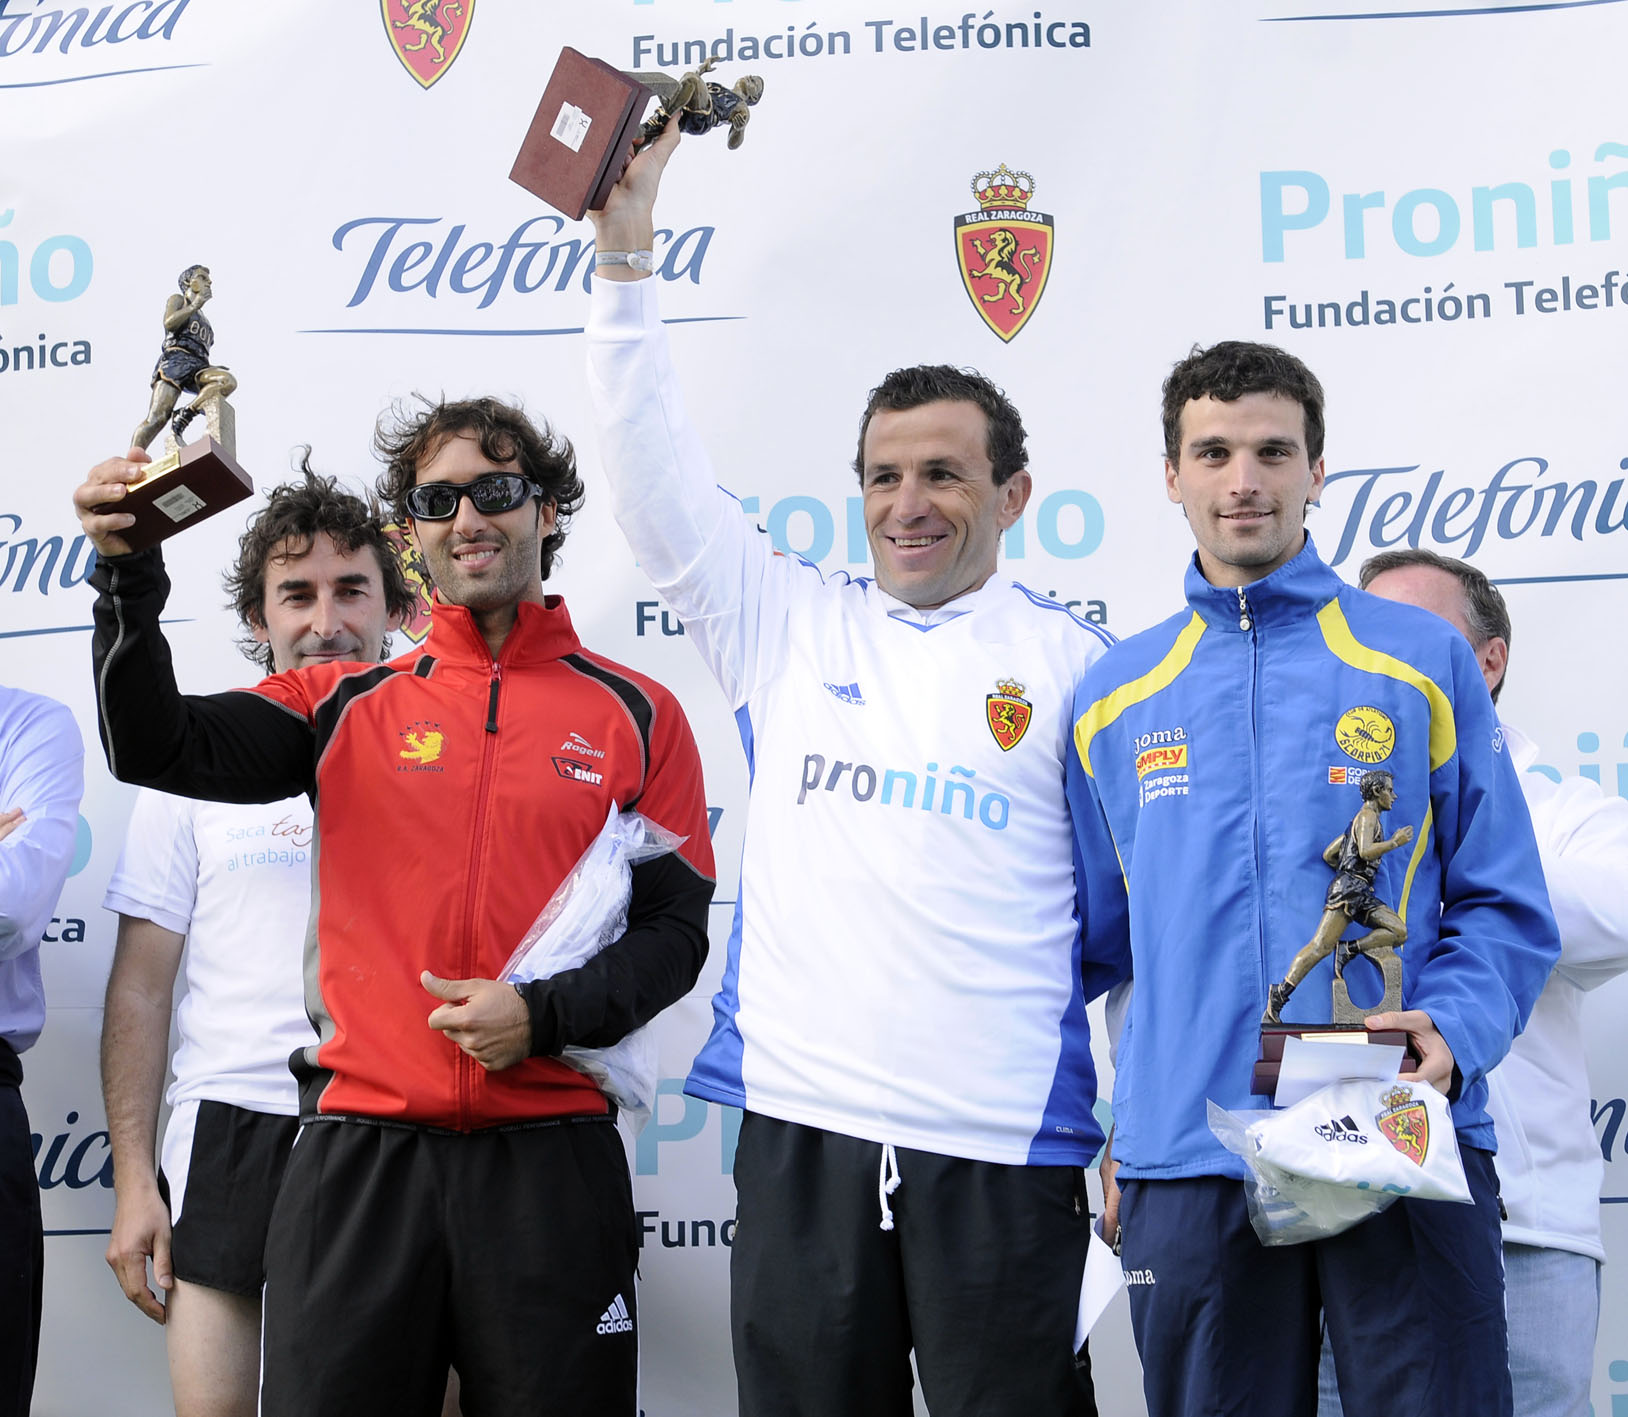 Los ganadores de la Carrera Proniño.